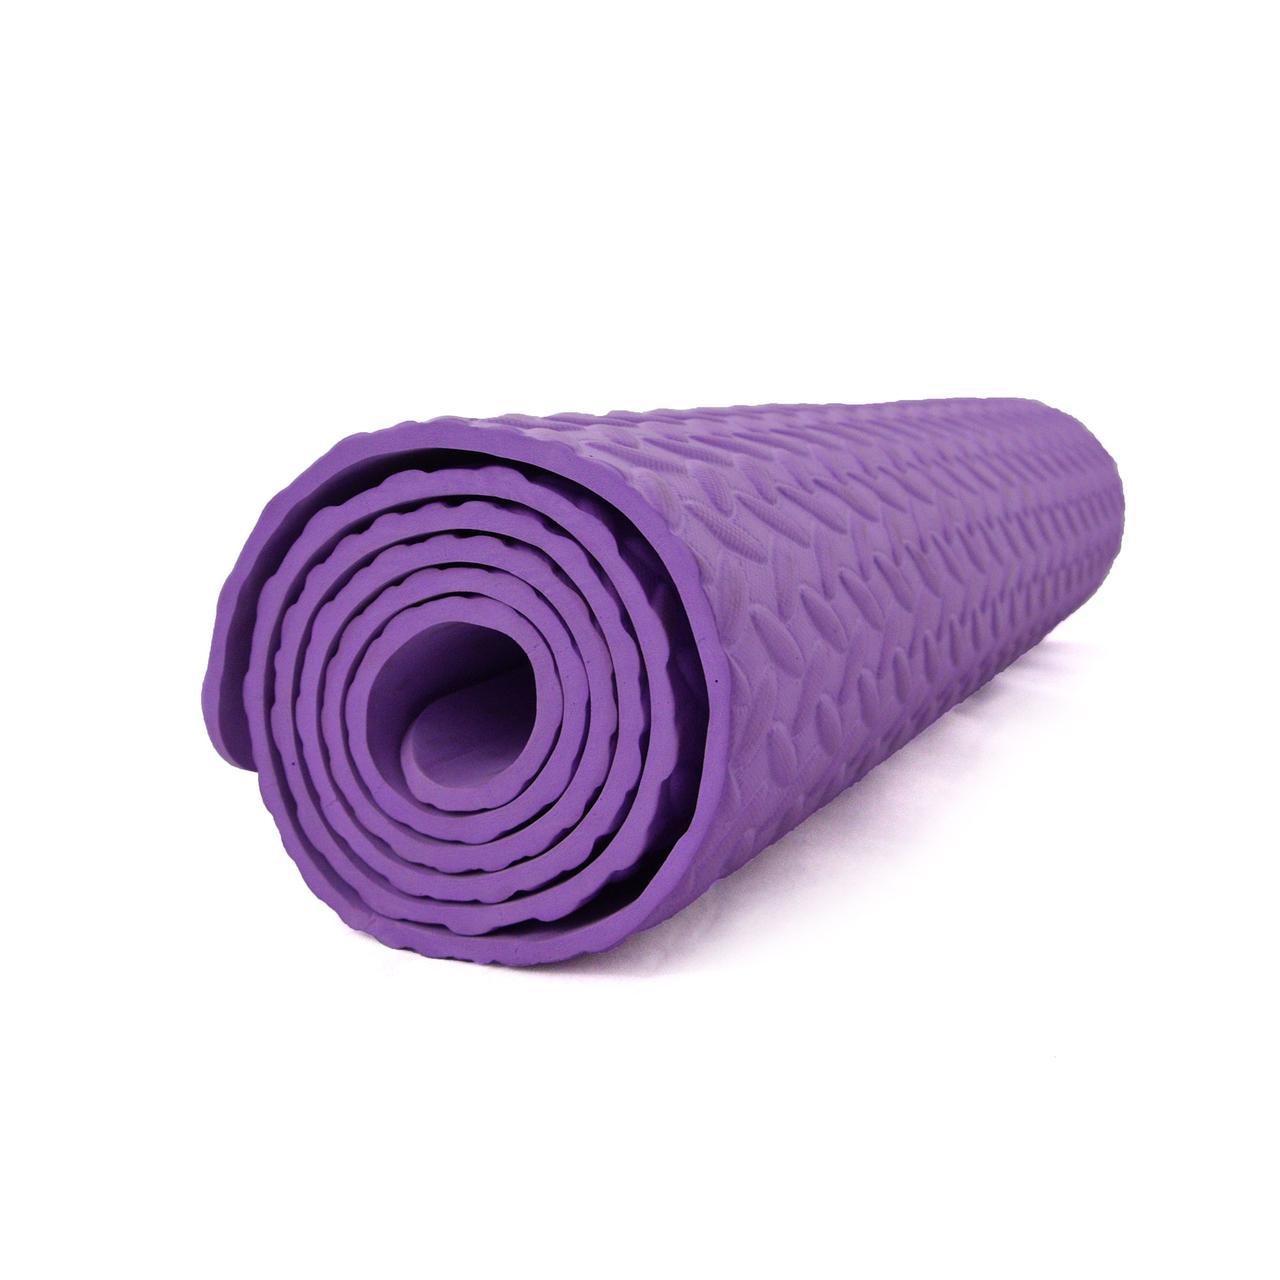 Килимок (мат) для йоги та фітнесу EVA OSPORT 8мм (MS 1088) Фіолетовий